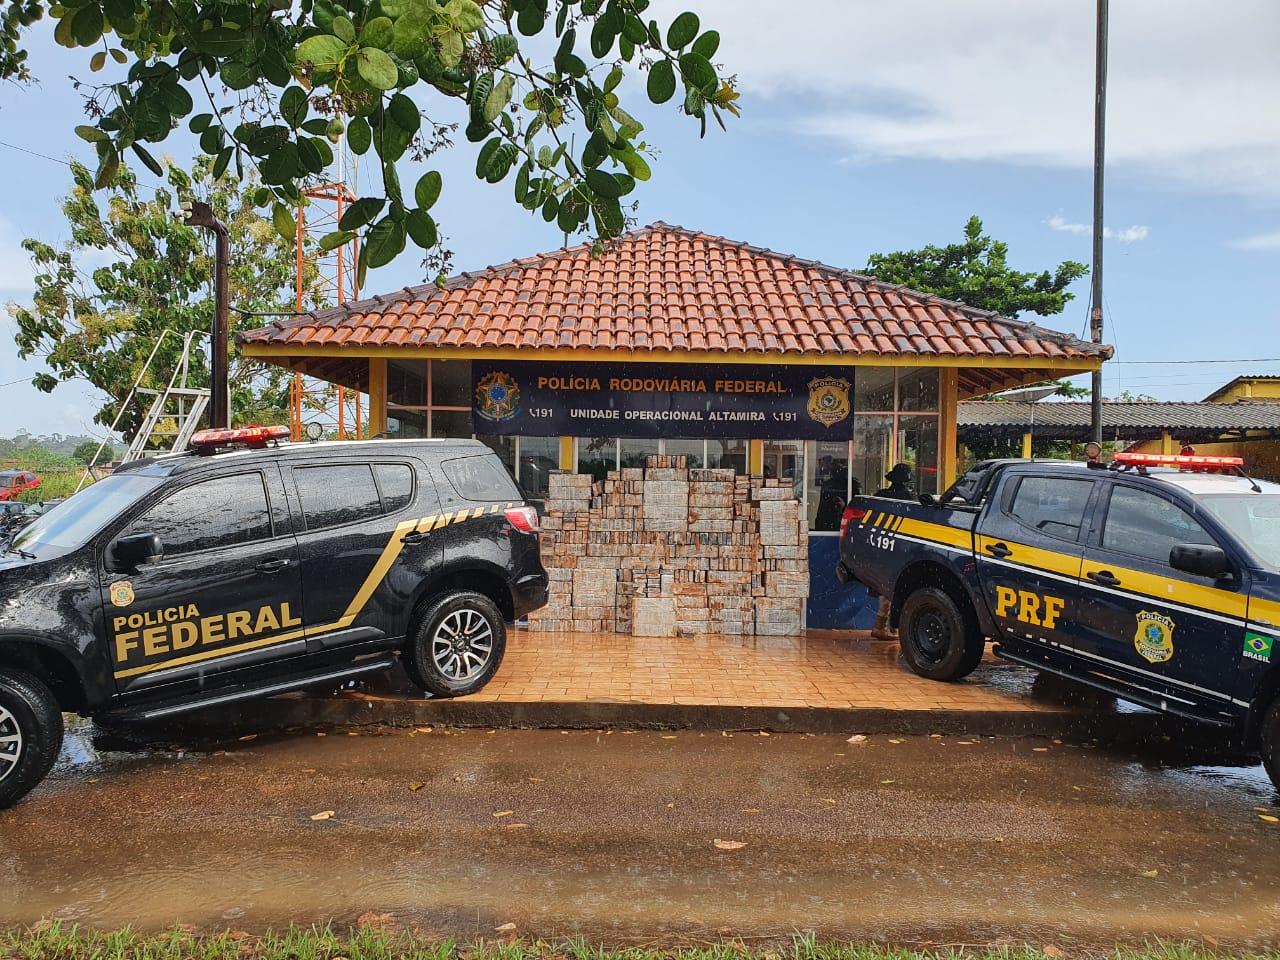 Um motorista foi preso nesta quinta-feira (29) com quase uma tonelada de cocaína escondida no fundo falso de um caminhão abordado por policiais rodoviários na Rodovia Transamazônica, município de Altamira-PA.  De acordo com a Polícia Rodoviária Federal (PRF), os agentes abordaram um carreta, com placa do estado de Mato Grosso e, ao realizar uma busca minuciosa no veículo, foi encontrada escondida em um fundo falso na carroceria da carreta, dezenas tabletes de cloridrato de cocaína pesando um total de 871,3 kg.  Foi dada voz de prisão ao motorista pela prática do crime de tráfico de drogas.  O homem foi autuado em flagrante pela Polícia Federal de Altamira/PA pelo crime de Tráfico  de drogas (Art. 33 c/c art 40, V, da Lei 11.343/16.).  A droga foi apreendida e enviada para Belém/PA a fim de ser periciada e incinerada posteriormente.